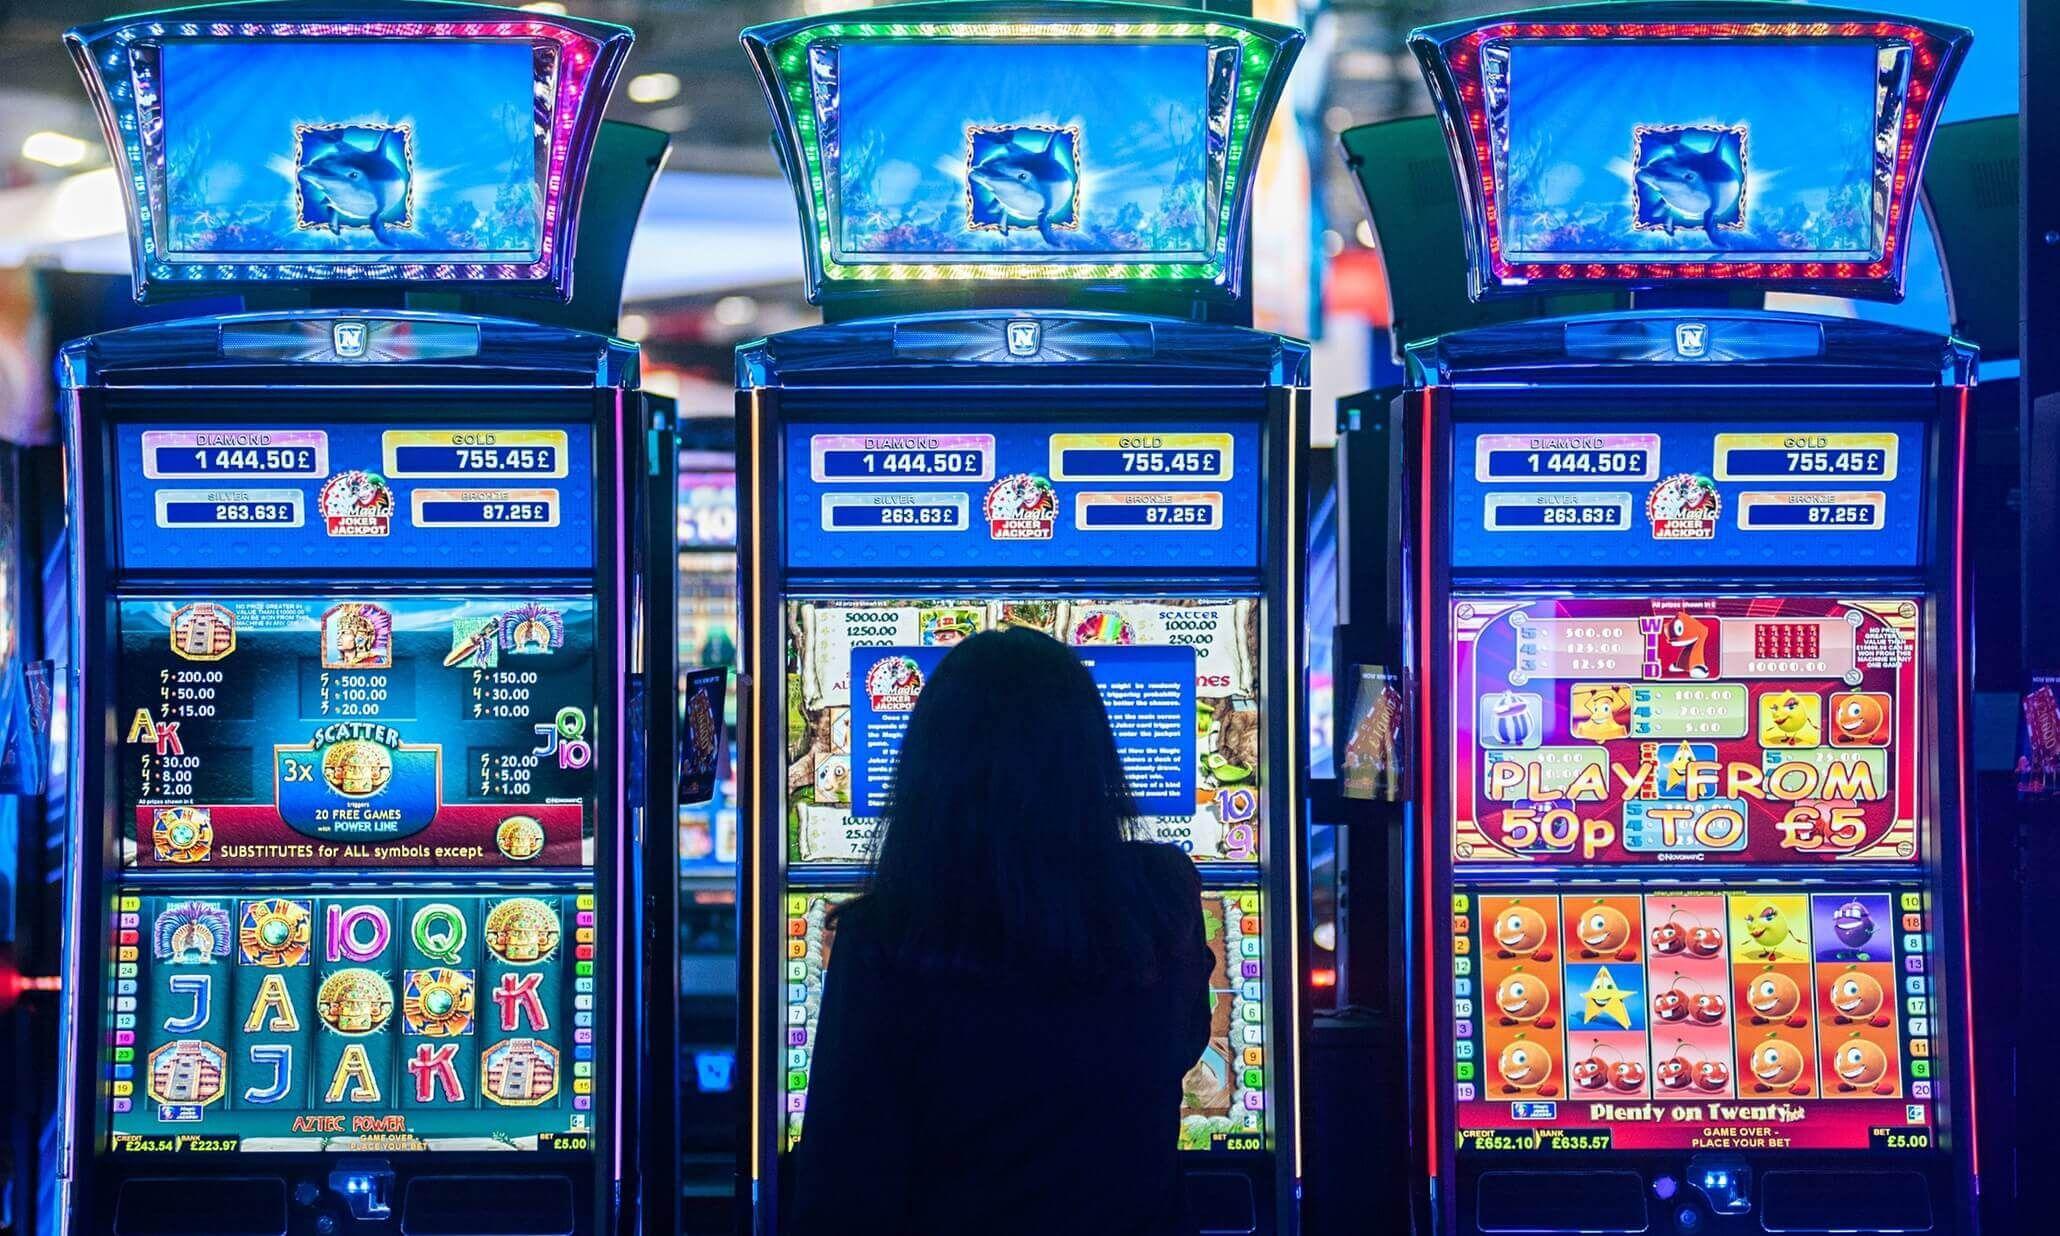 Казино играть бесплатно казахстан зайти онлайн казино вулкан